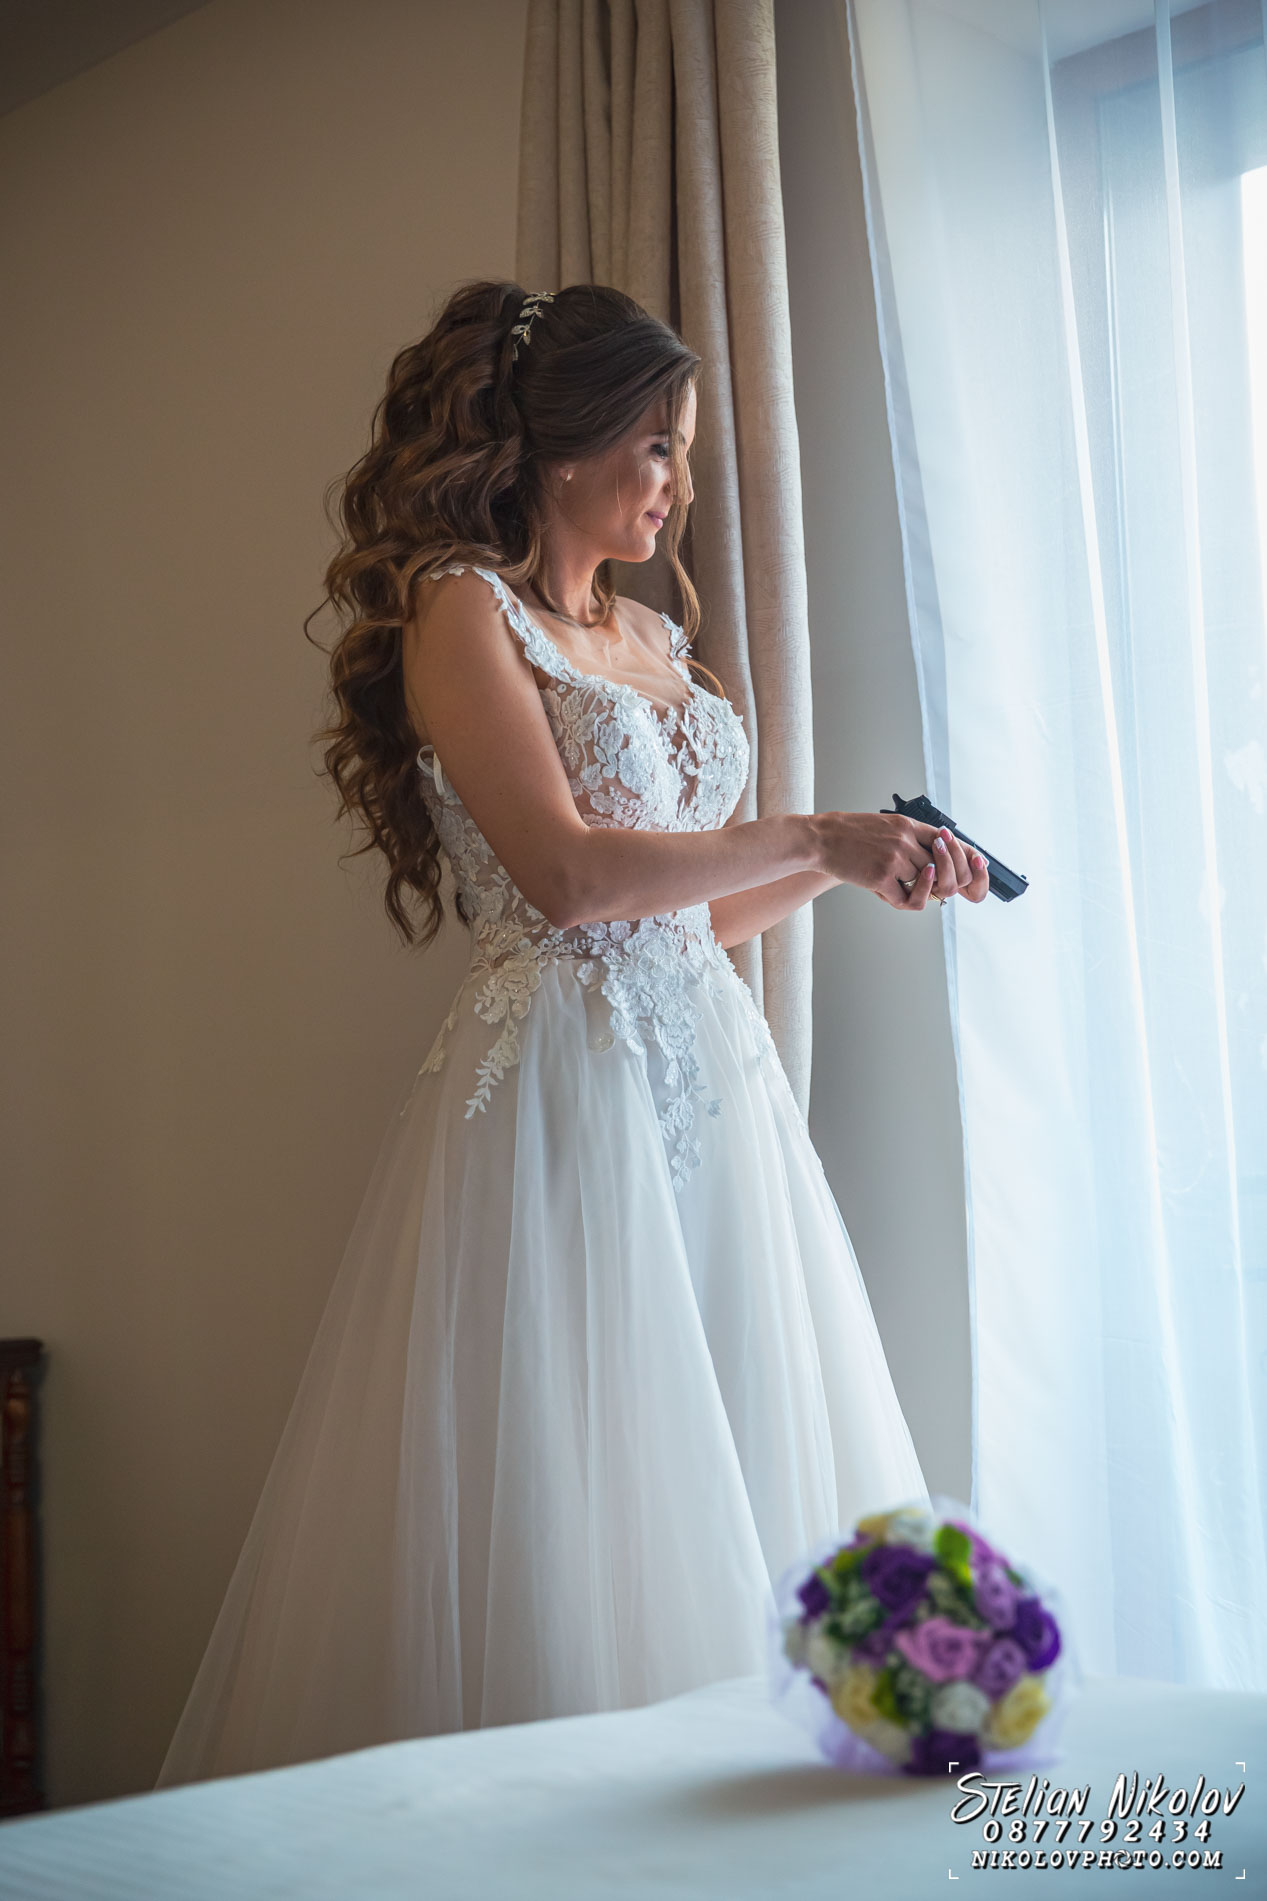 сватба плевен цени